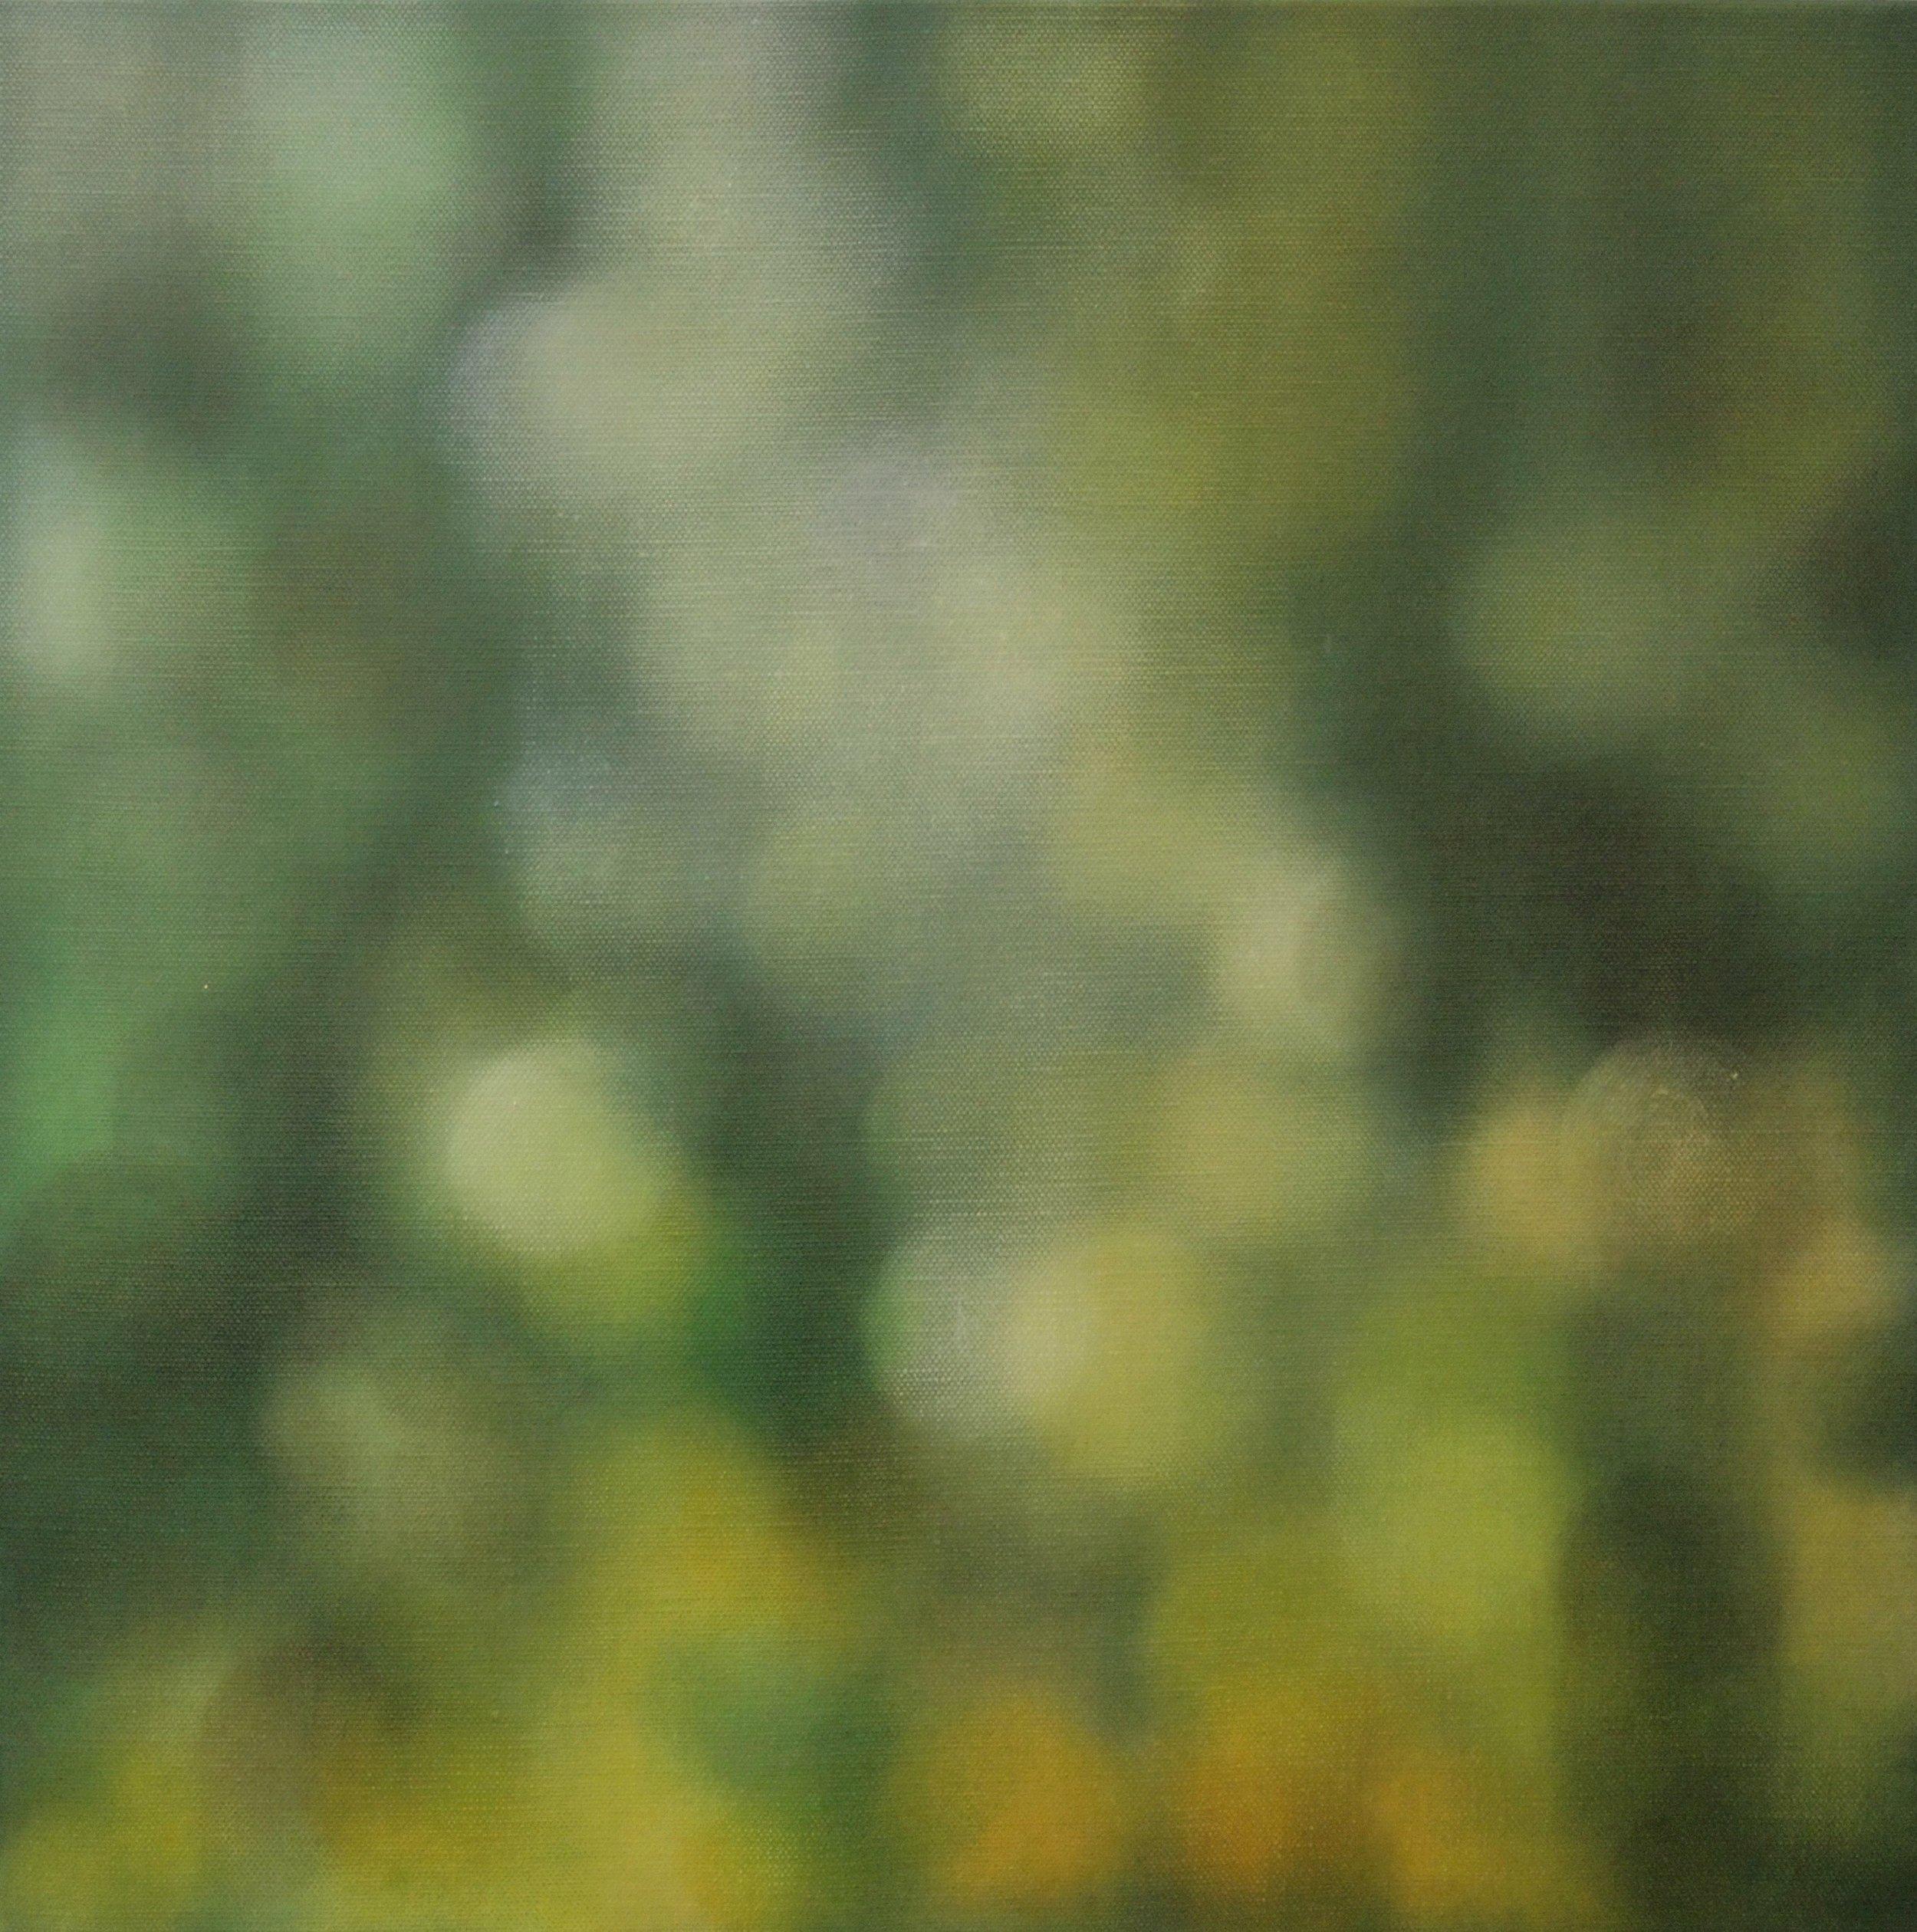 Descending green light, 2010, oil on canvas, 61x61cm